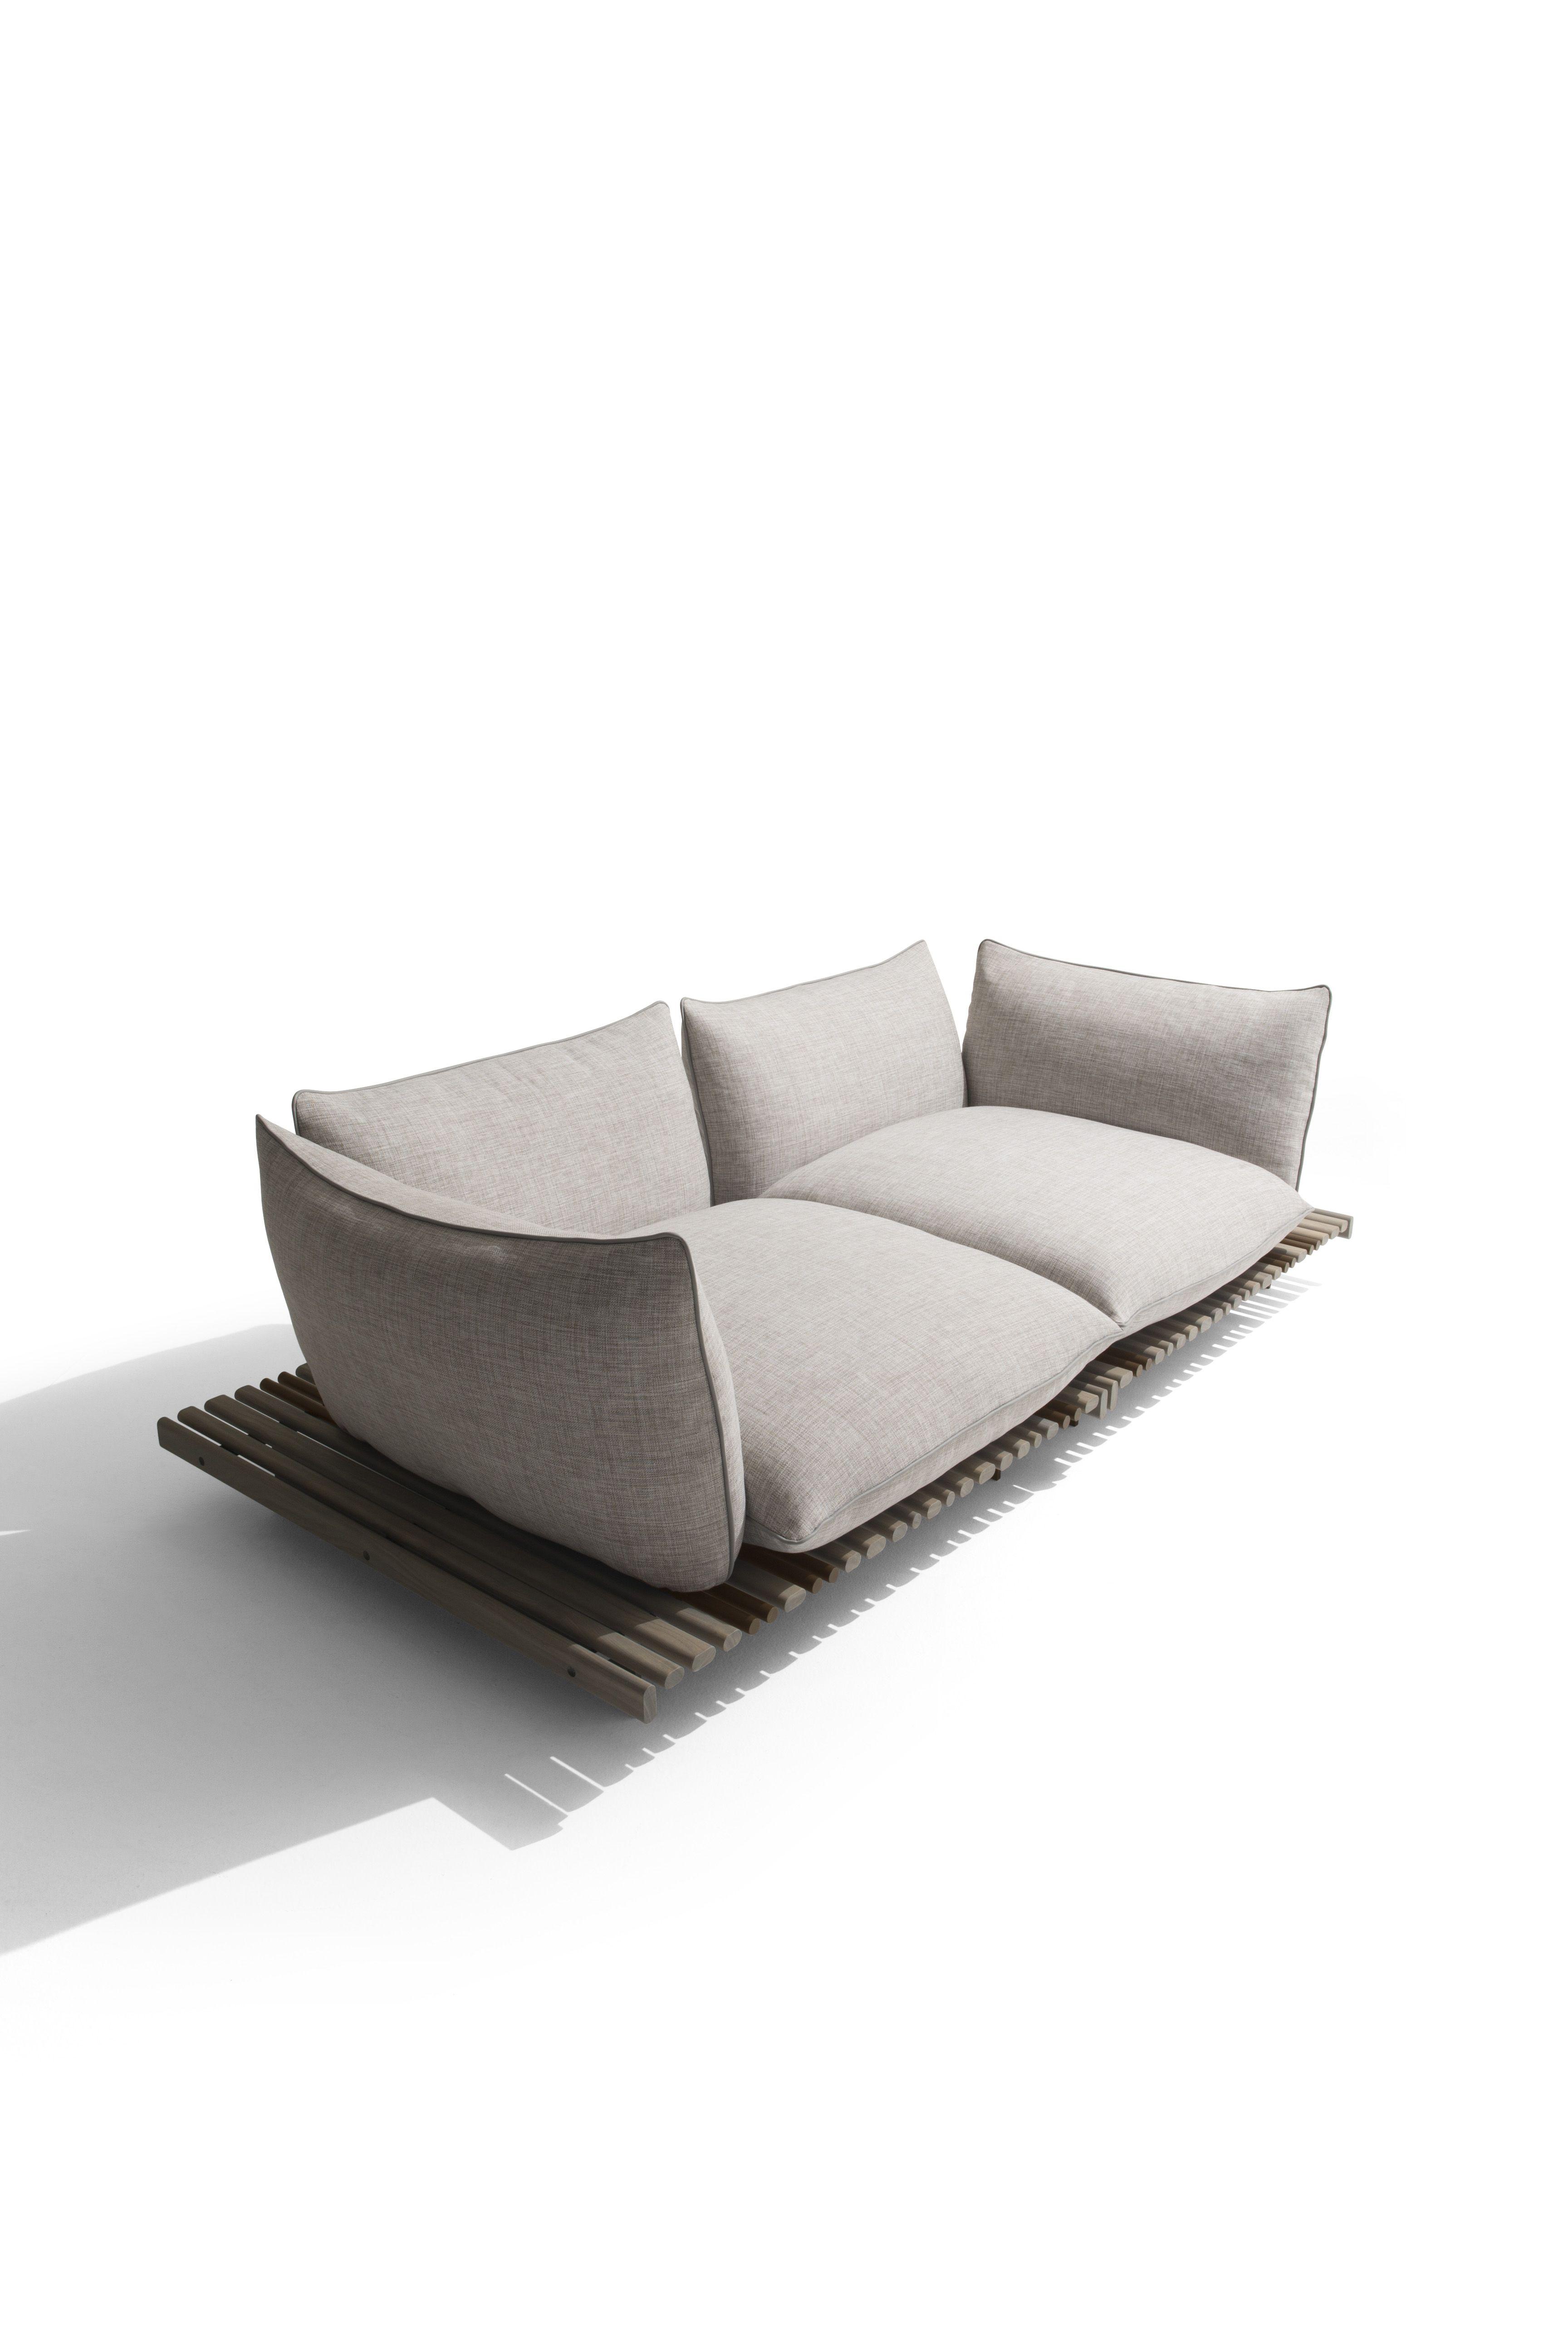 Apsara Outdoor Sofa Giorgetti Design By Ludovica Roberto  # Muebles Giorgetti